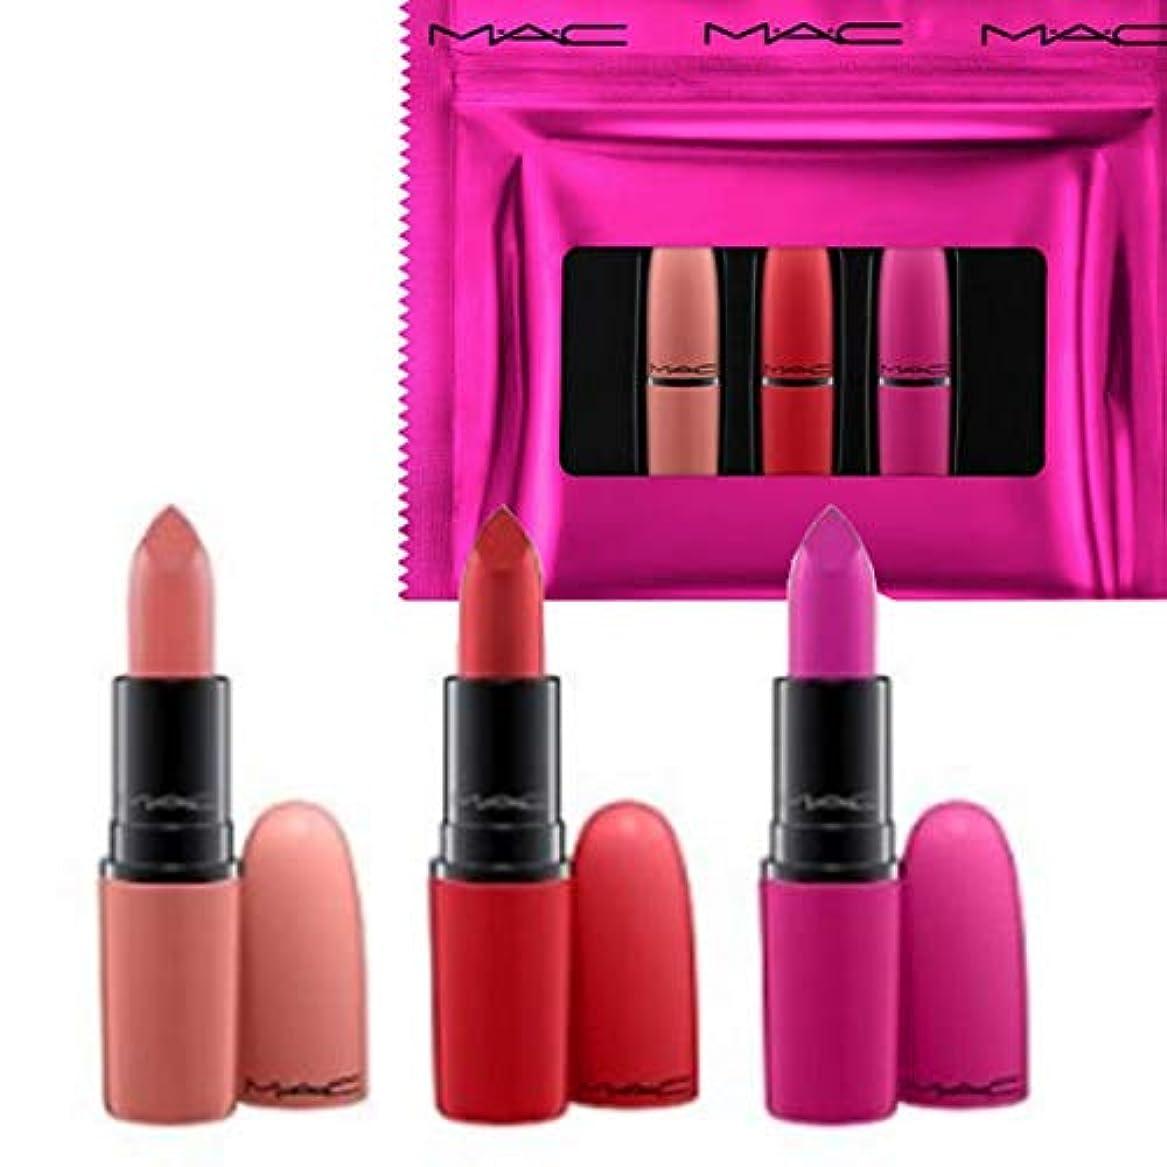 領収書鋭く割り当てますM.A.C ?マック, Limited Edition 限定版, 3-Pc. Shiny Pretty Things Lip Set - Russian Red/Kinda Sexy/Flat Out Fabulous [海外直送品] [並行輸入品]